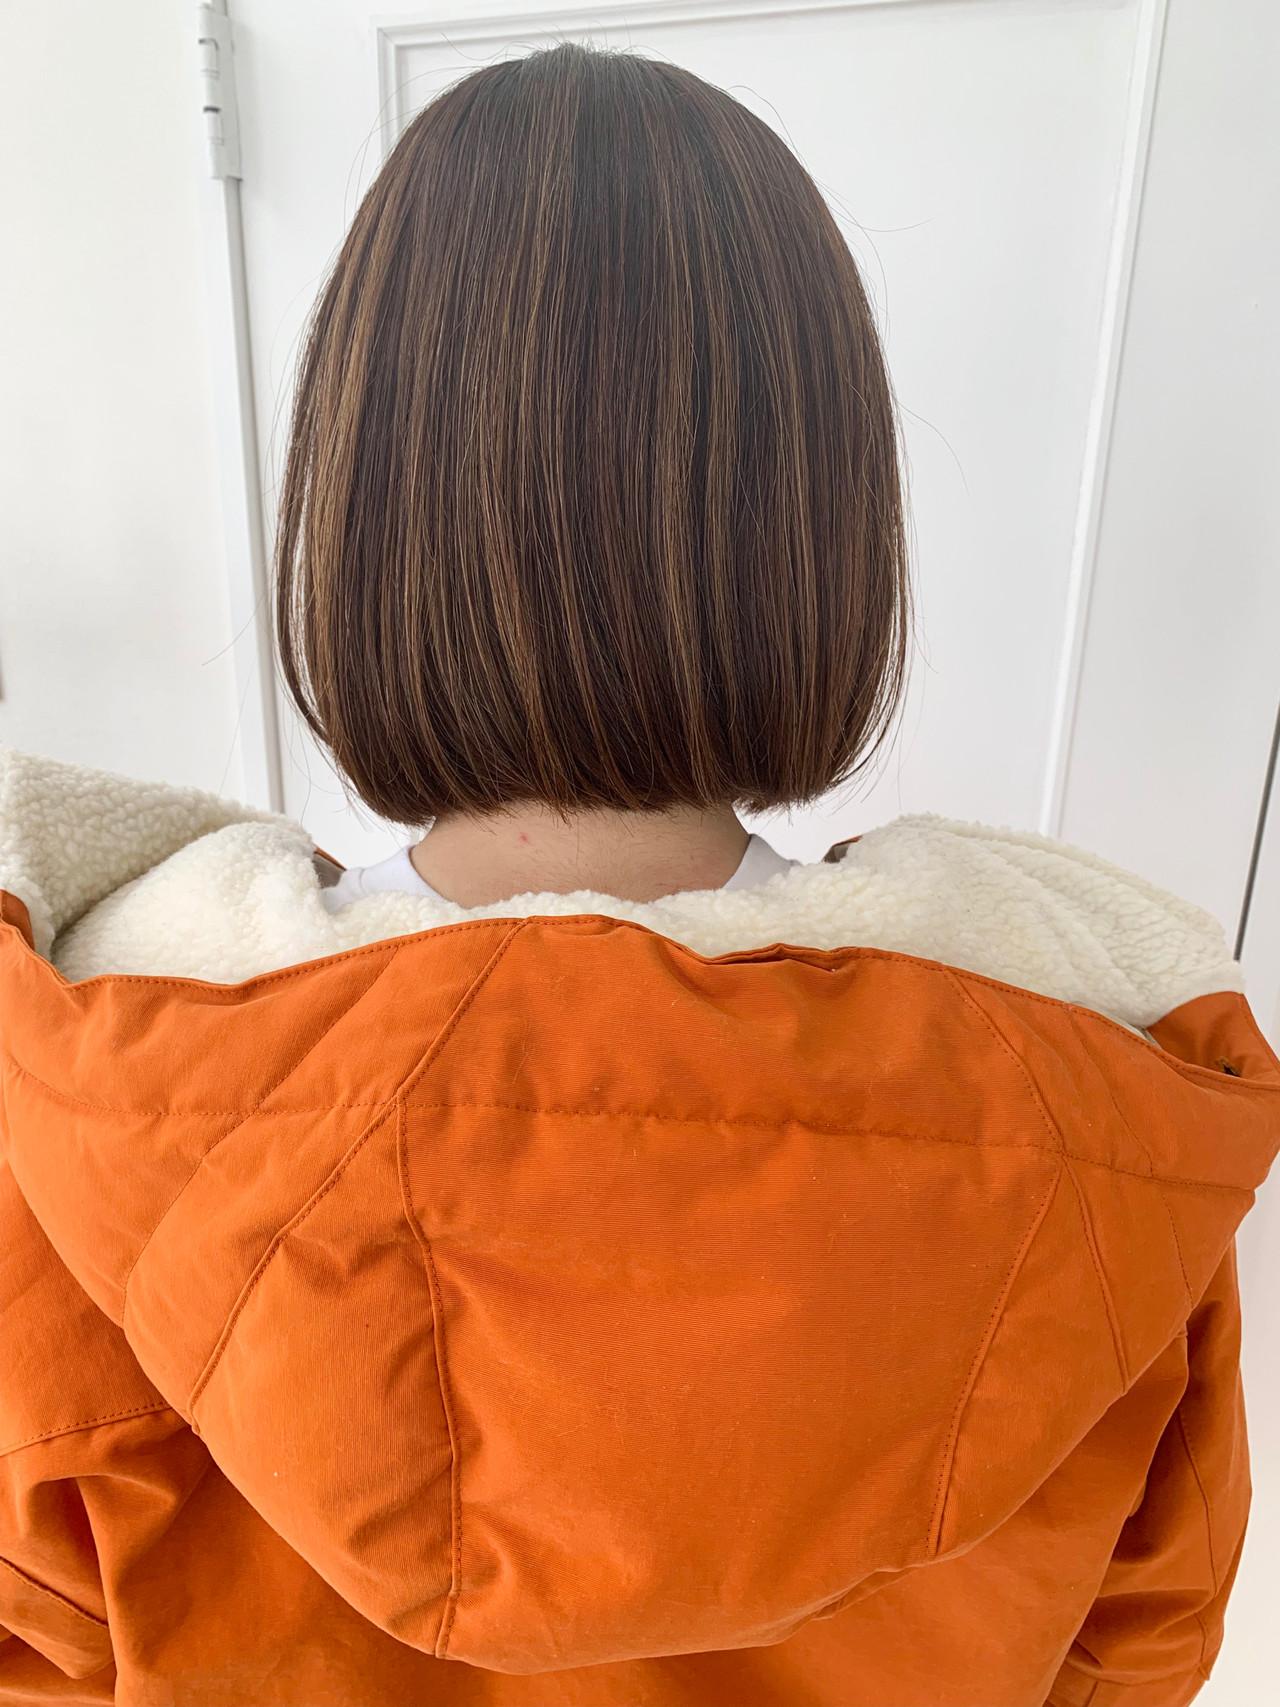 ボブヘアー ナチュラル可愛い 大人女子 ナチュラル ヘアスタイルや髪型の写真・画像 | 鈴木 諒介 / Palm Springs